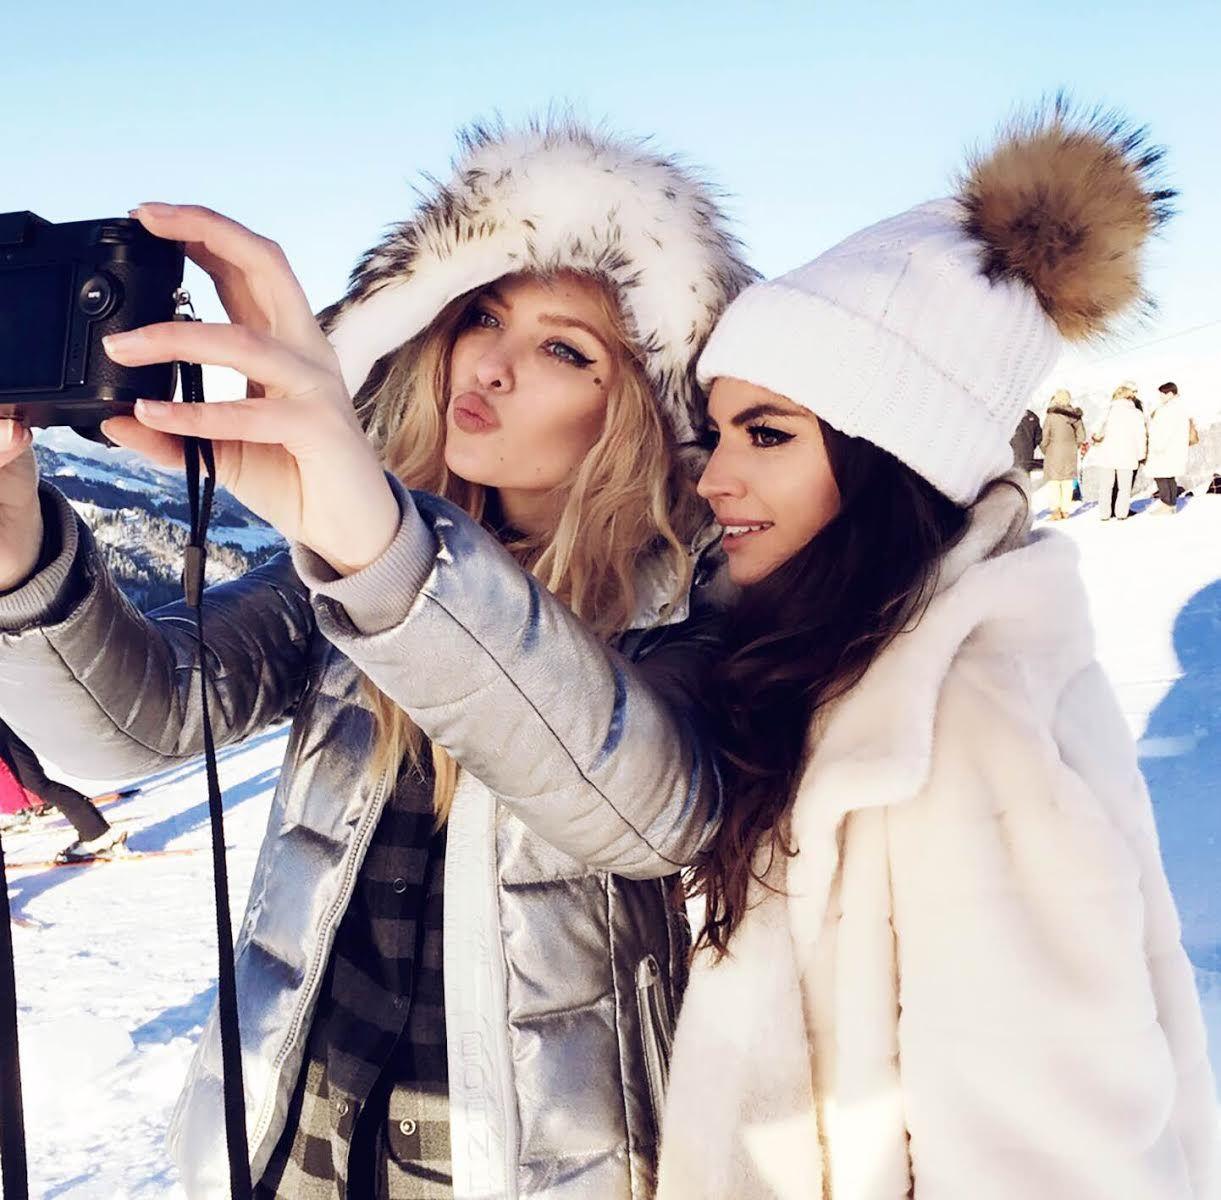 изогнутых линиях красивые зимние фотографии с подругой отмечают